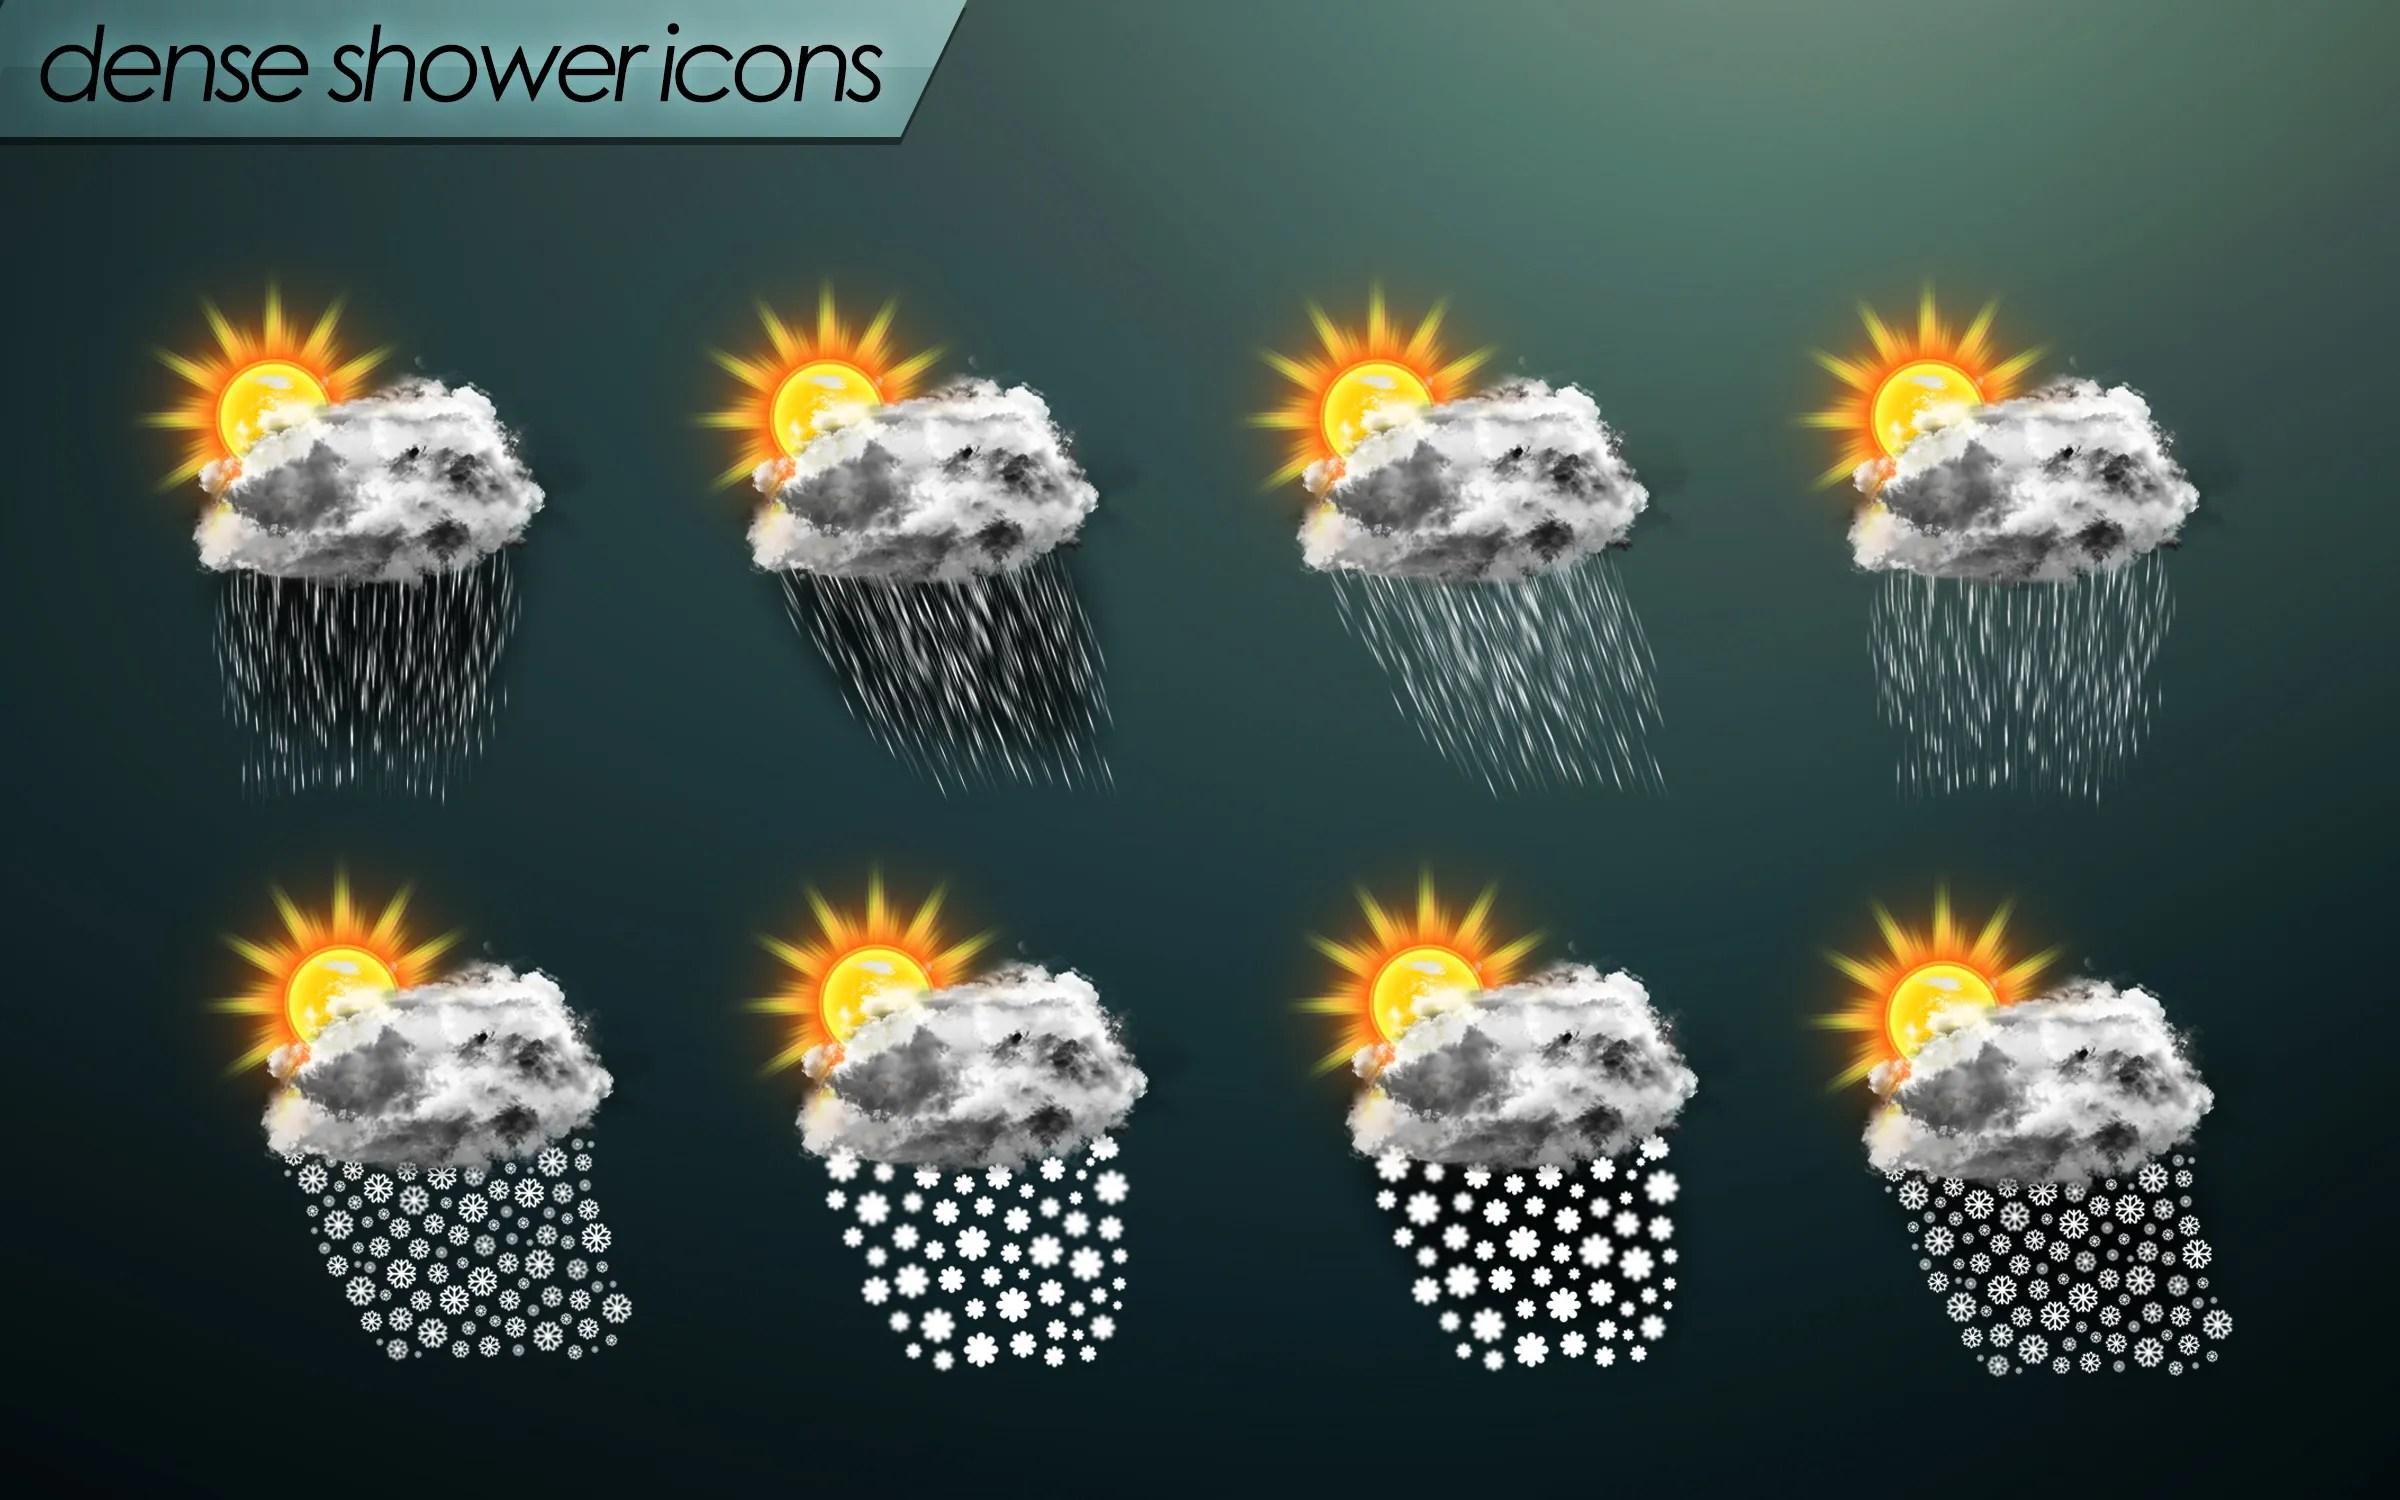 dense shower